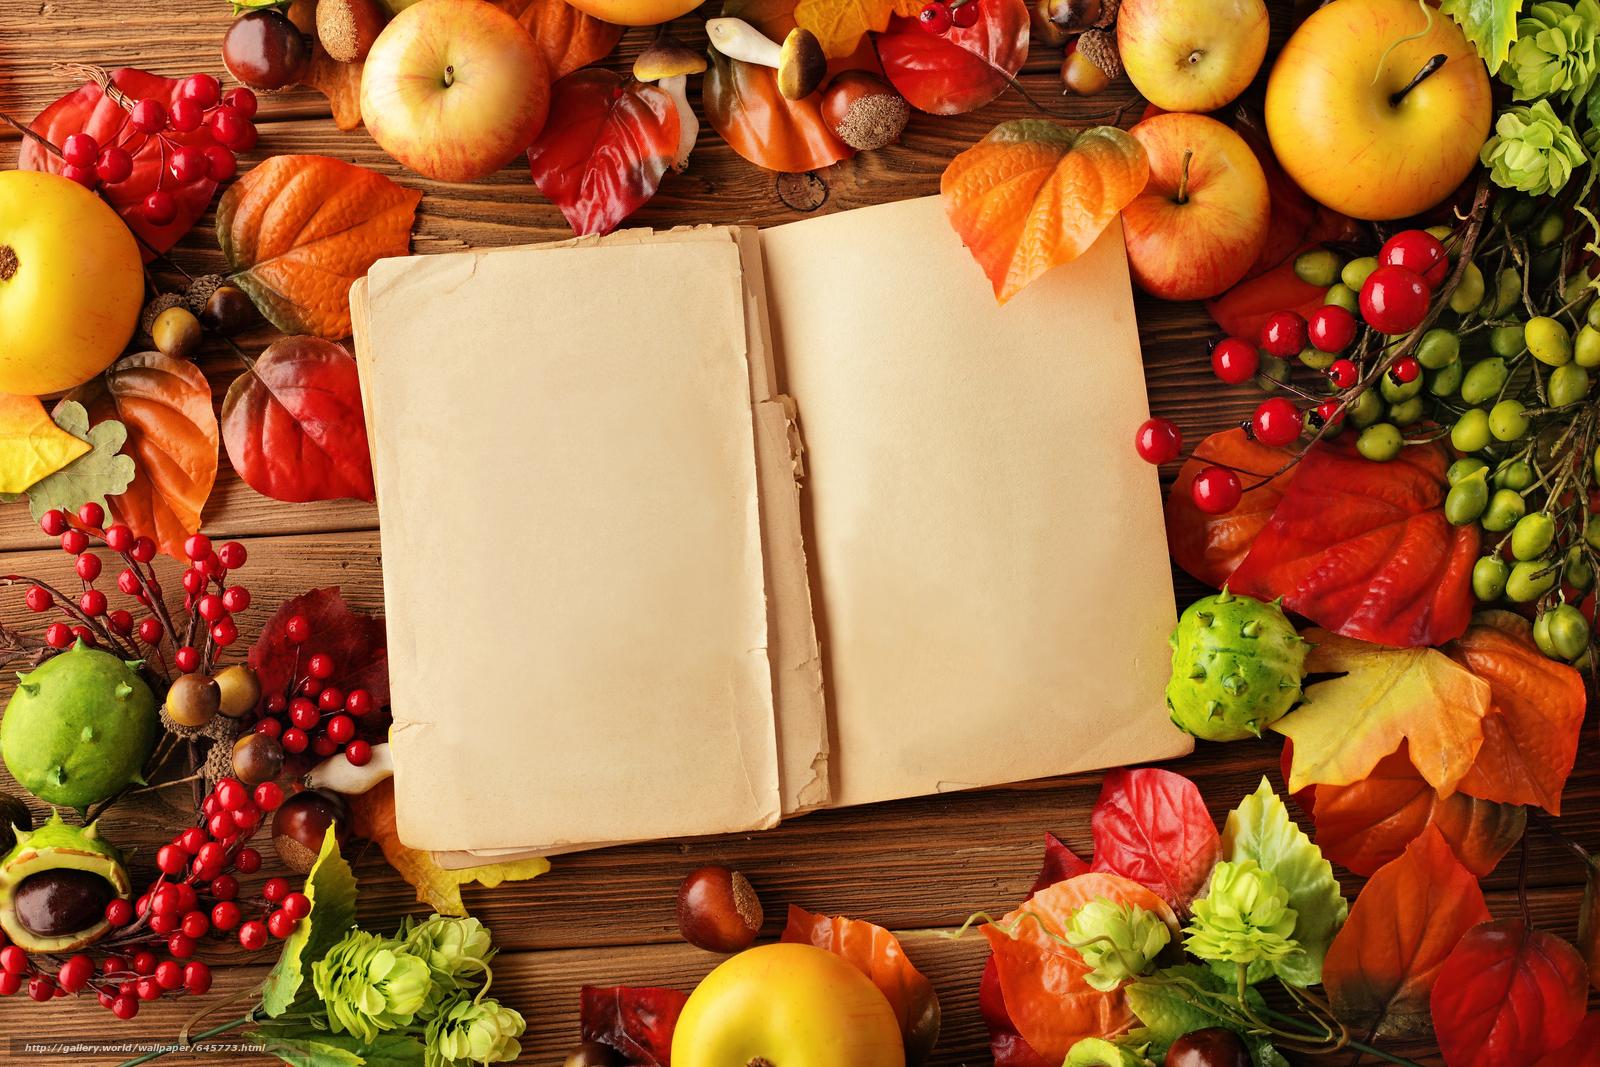 Скачать обои яблоки,  фркты,  еда,  стол бесплатно для рабочего стола в разрешении 5616x3744 — картинка №645773